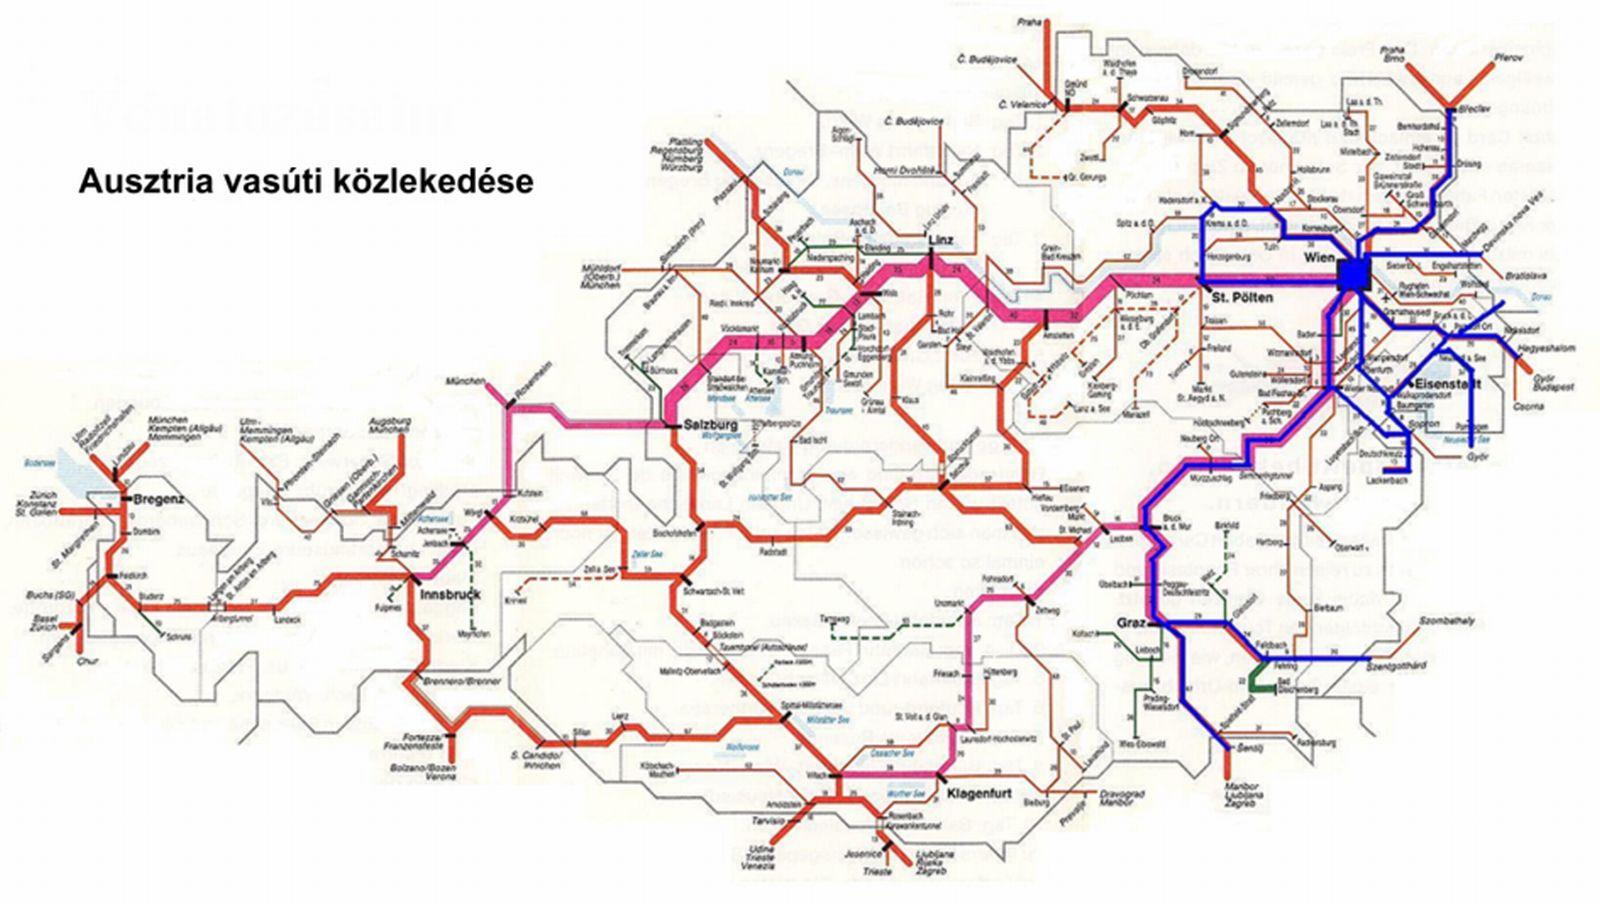 ausztria vasútvonalai térkép Közlekedési földrajz | SuliTudásbázis ausztria vasútvonalai térkép